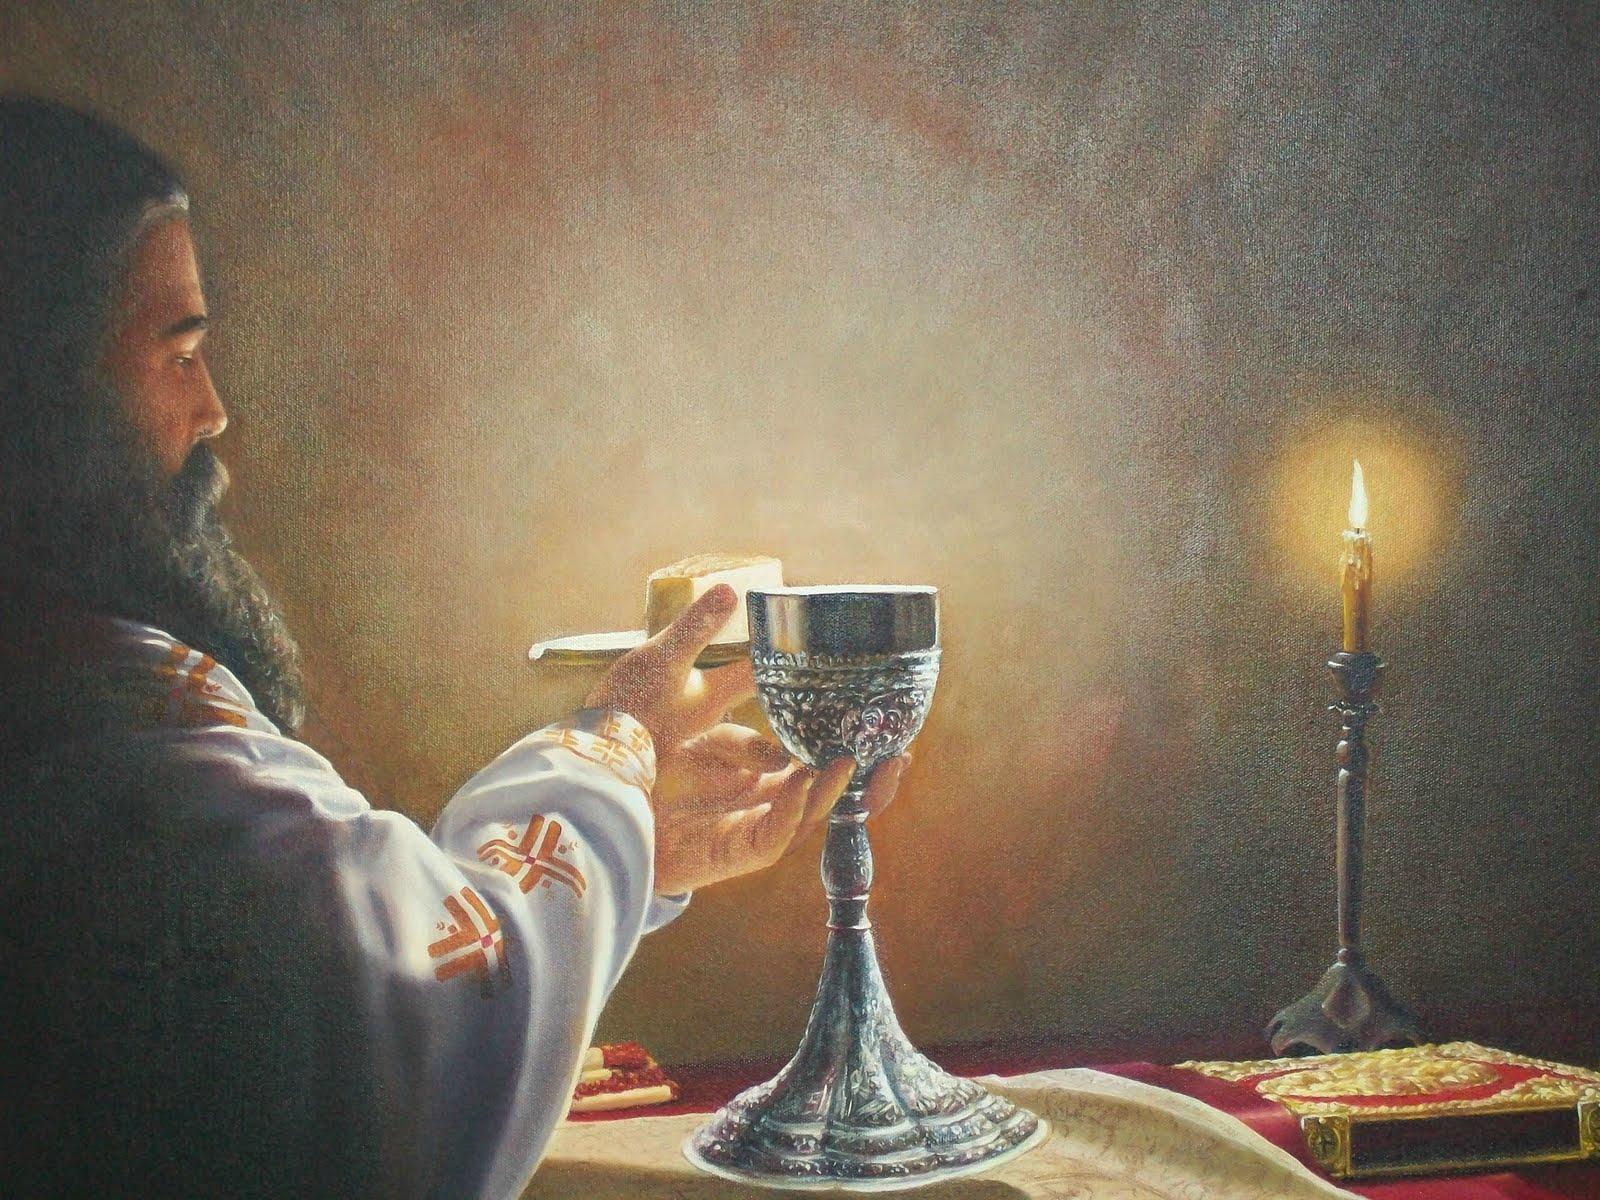 Αποτέλεσμα εικόνας για το μυστηριο της Θείας ευχαριστίας και ο ιερέας